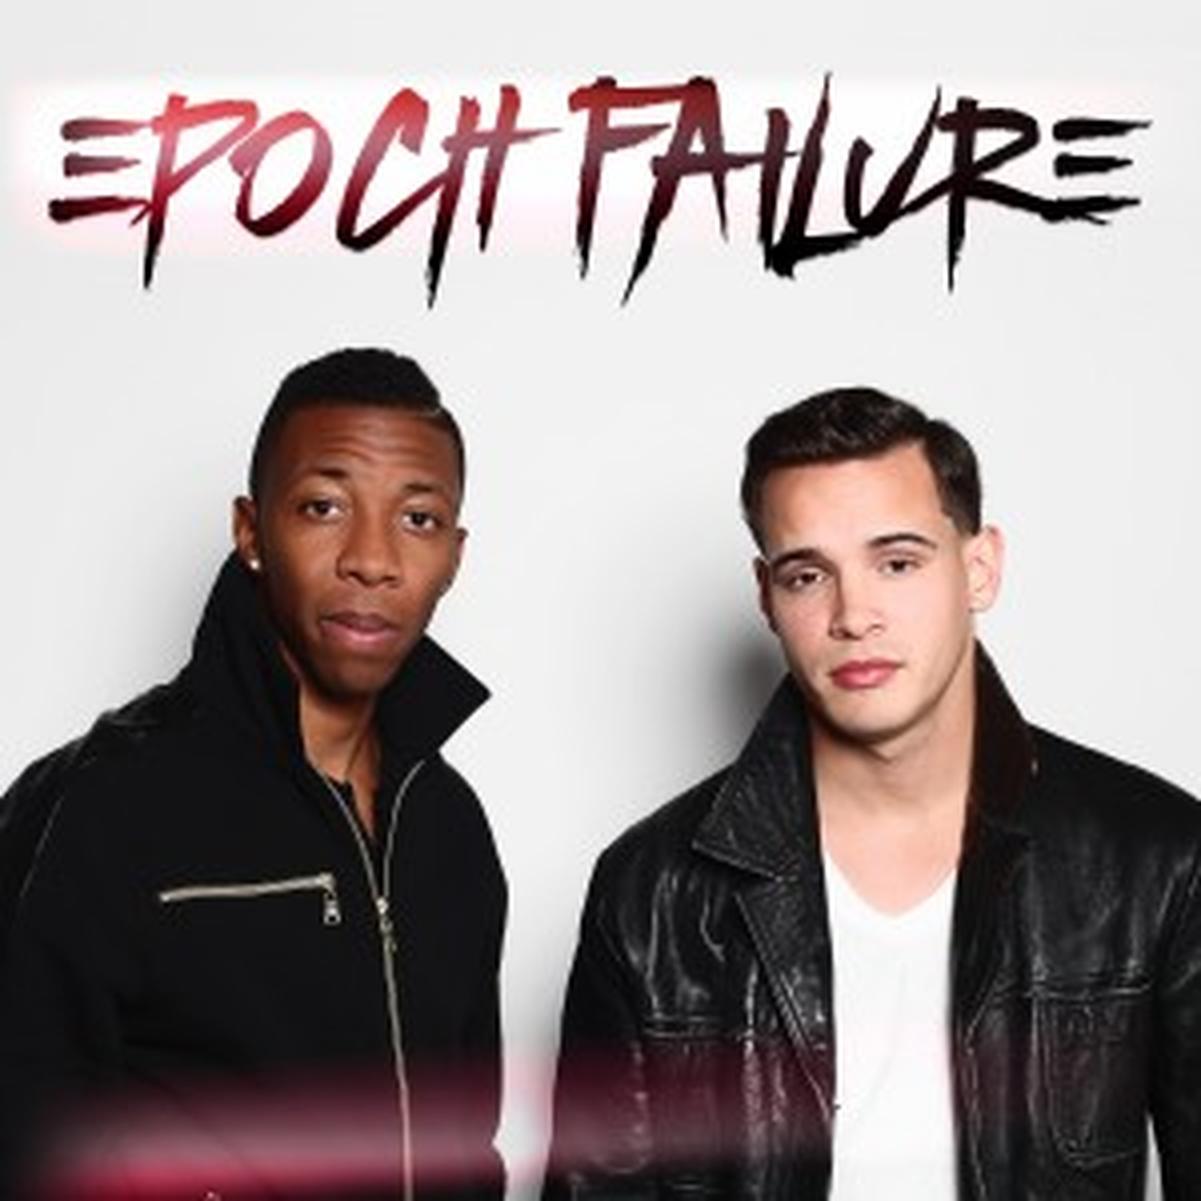 Epoch Failure wiki, Epoch Failure review, Epoch Failure history, Epoch Failure news